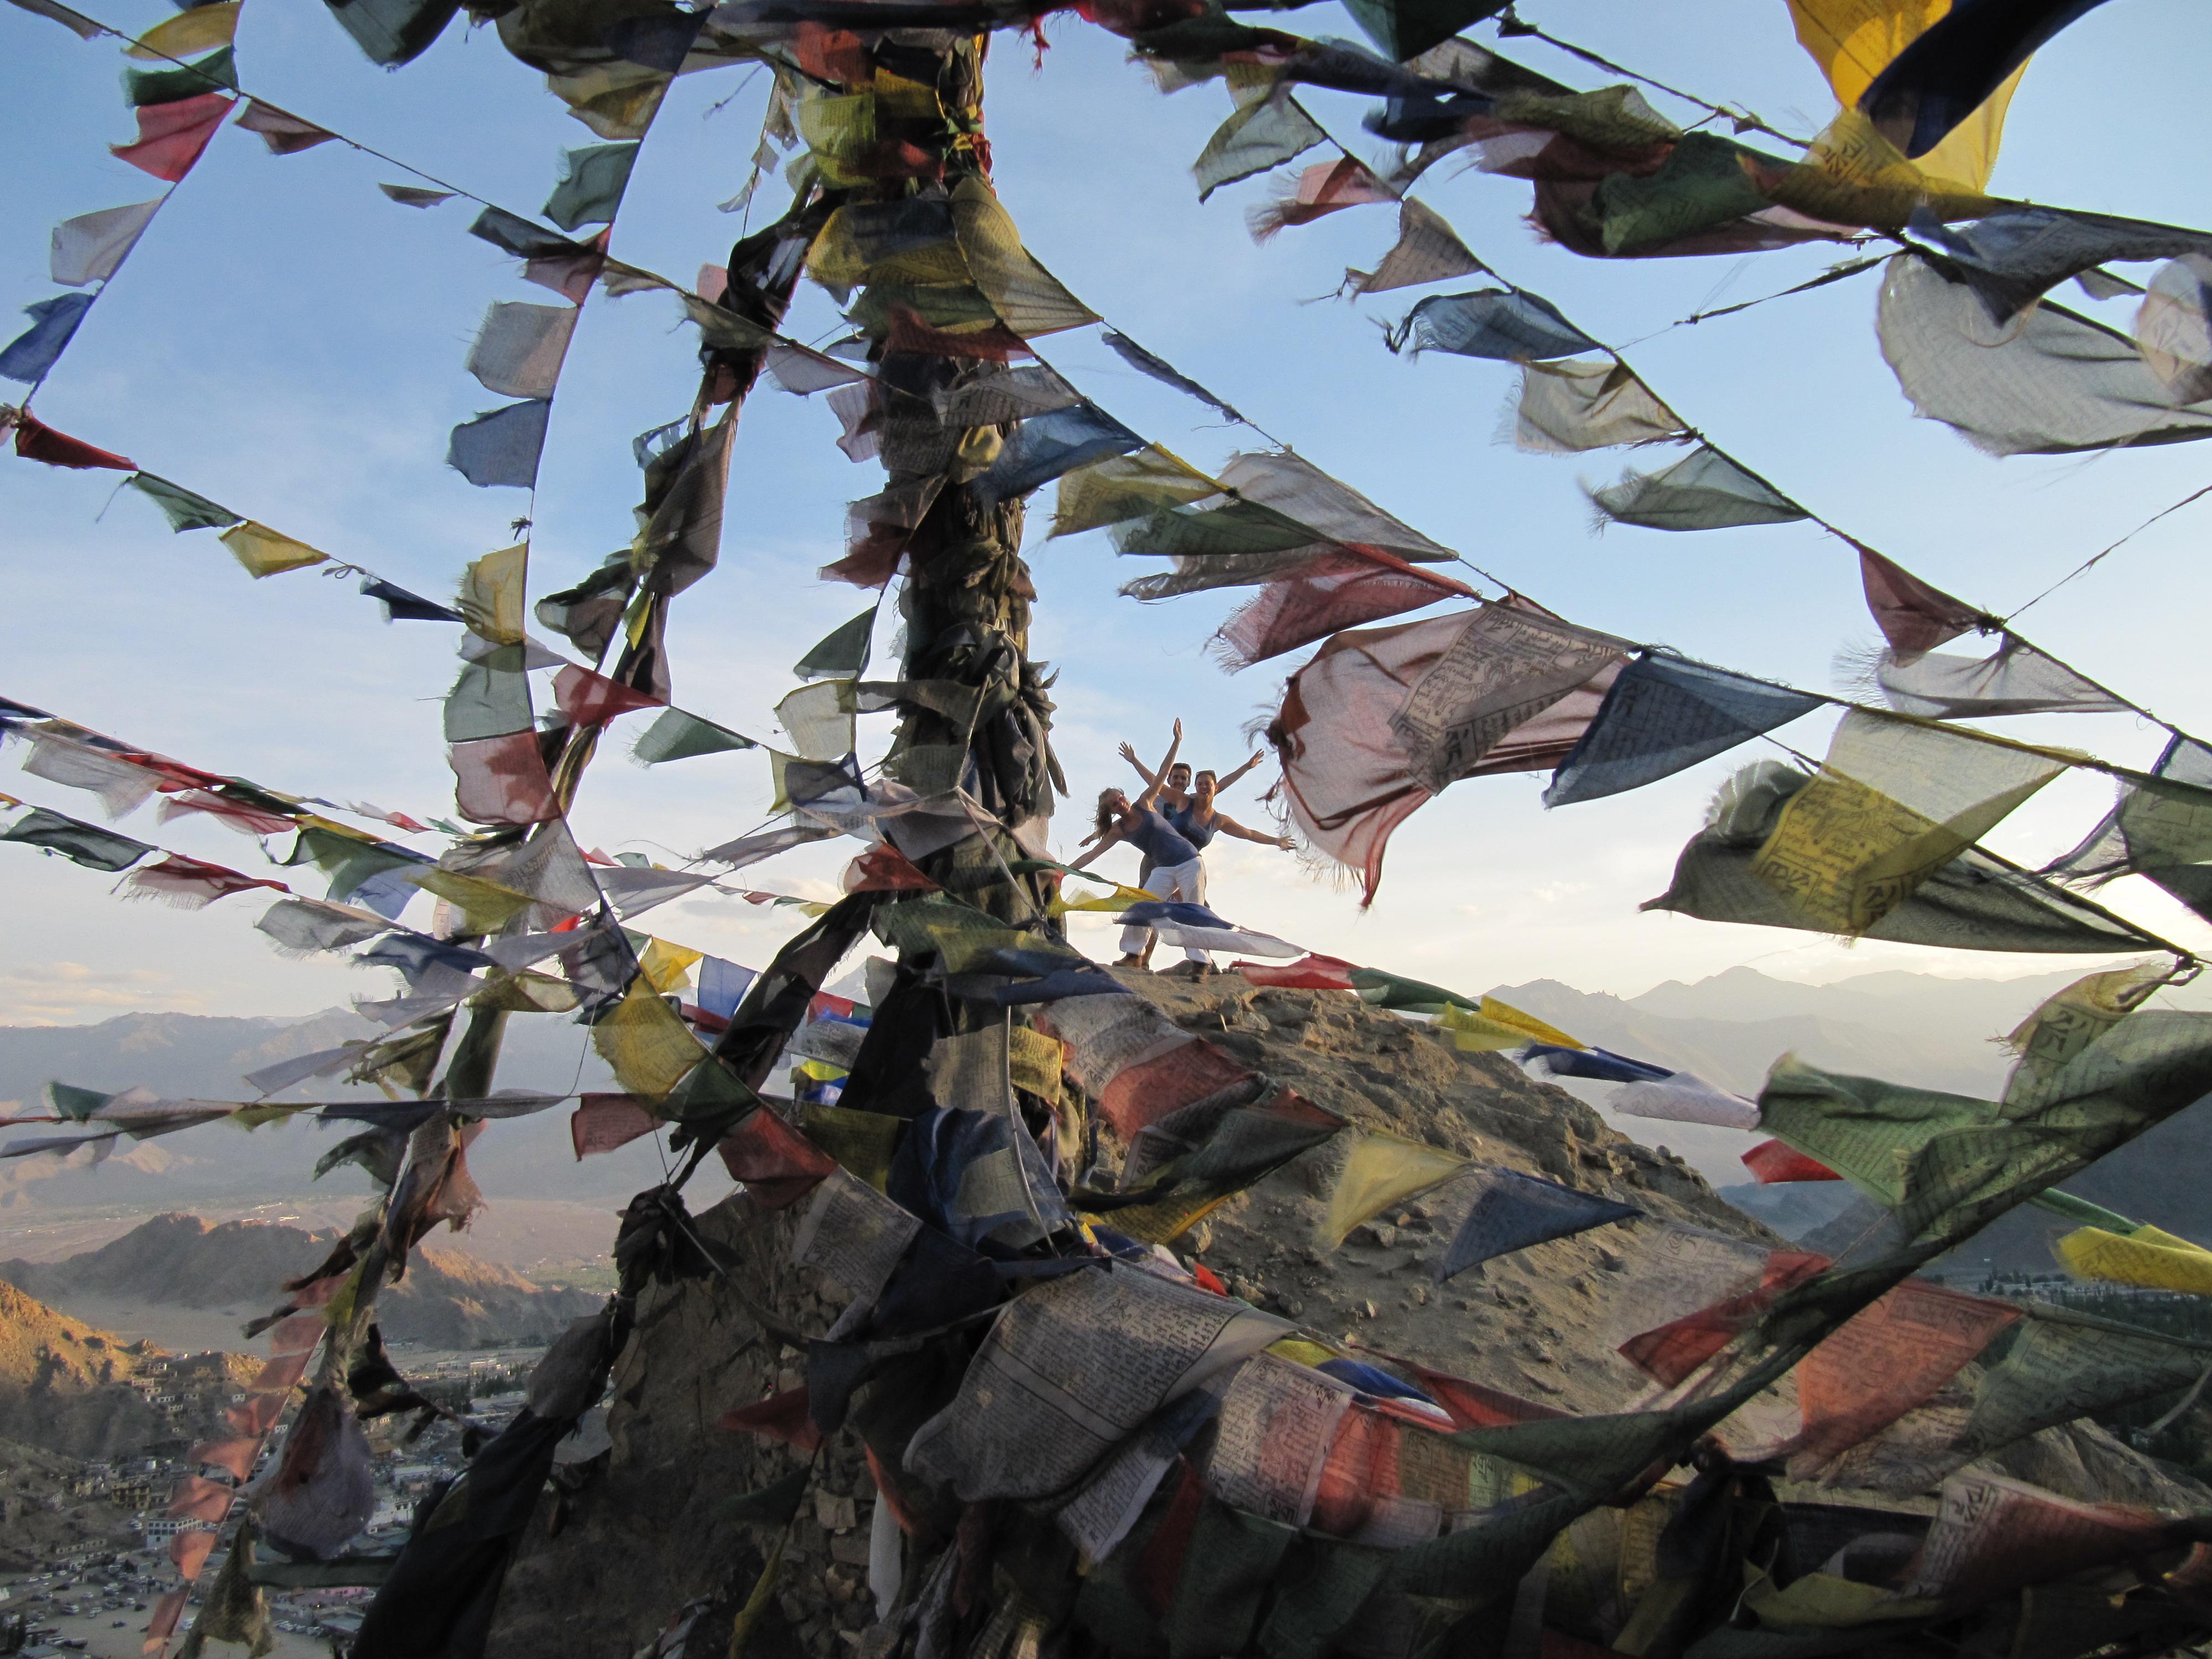 A trois, perdus dans les drapeaux de prière, Fort de Leh, Inde, 6 juillet 2013